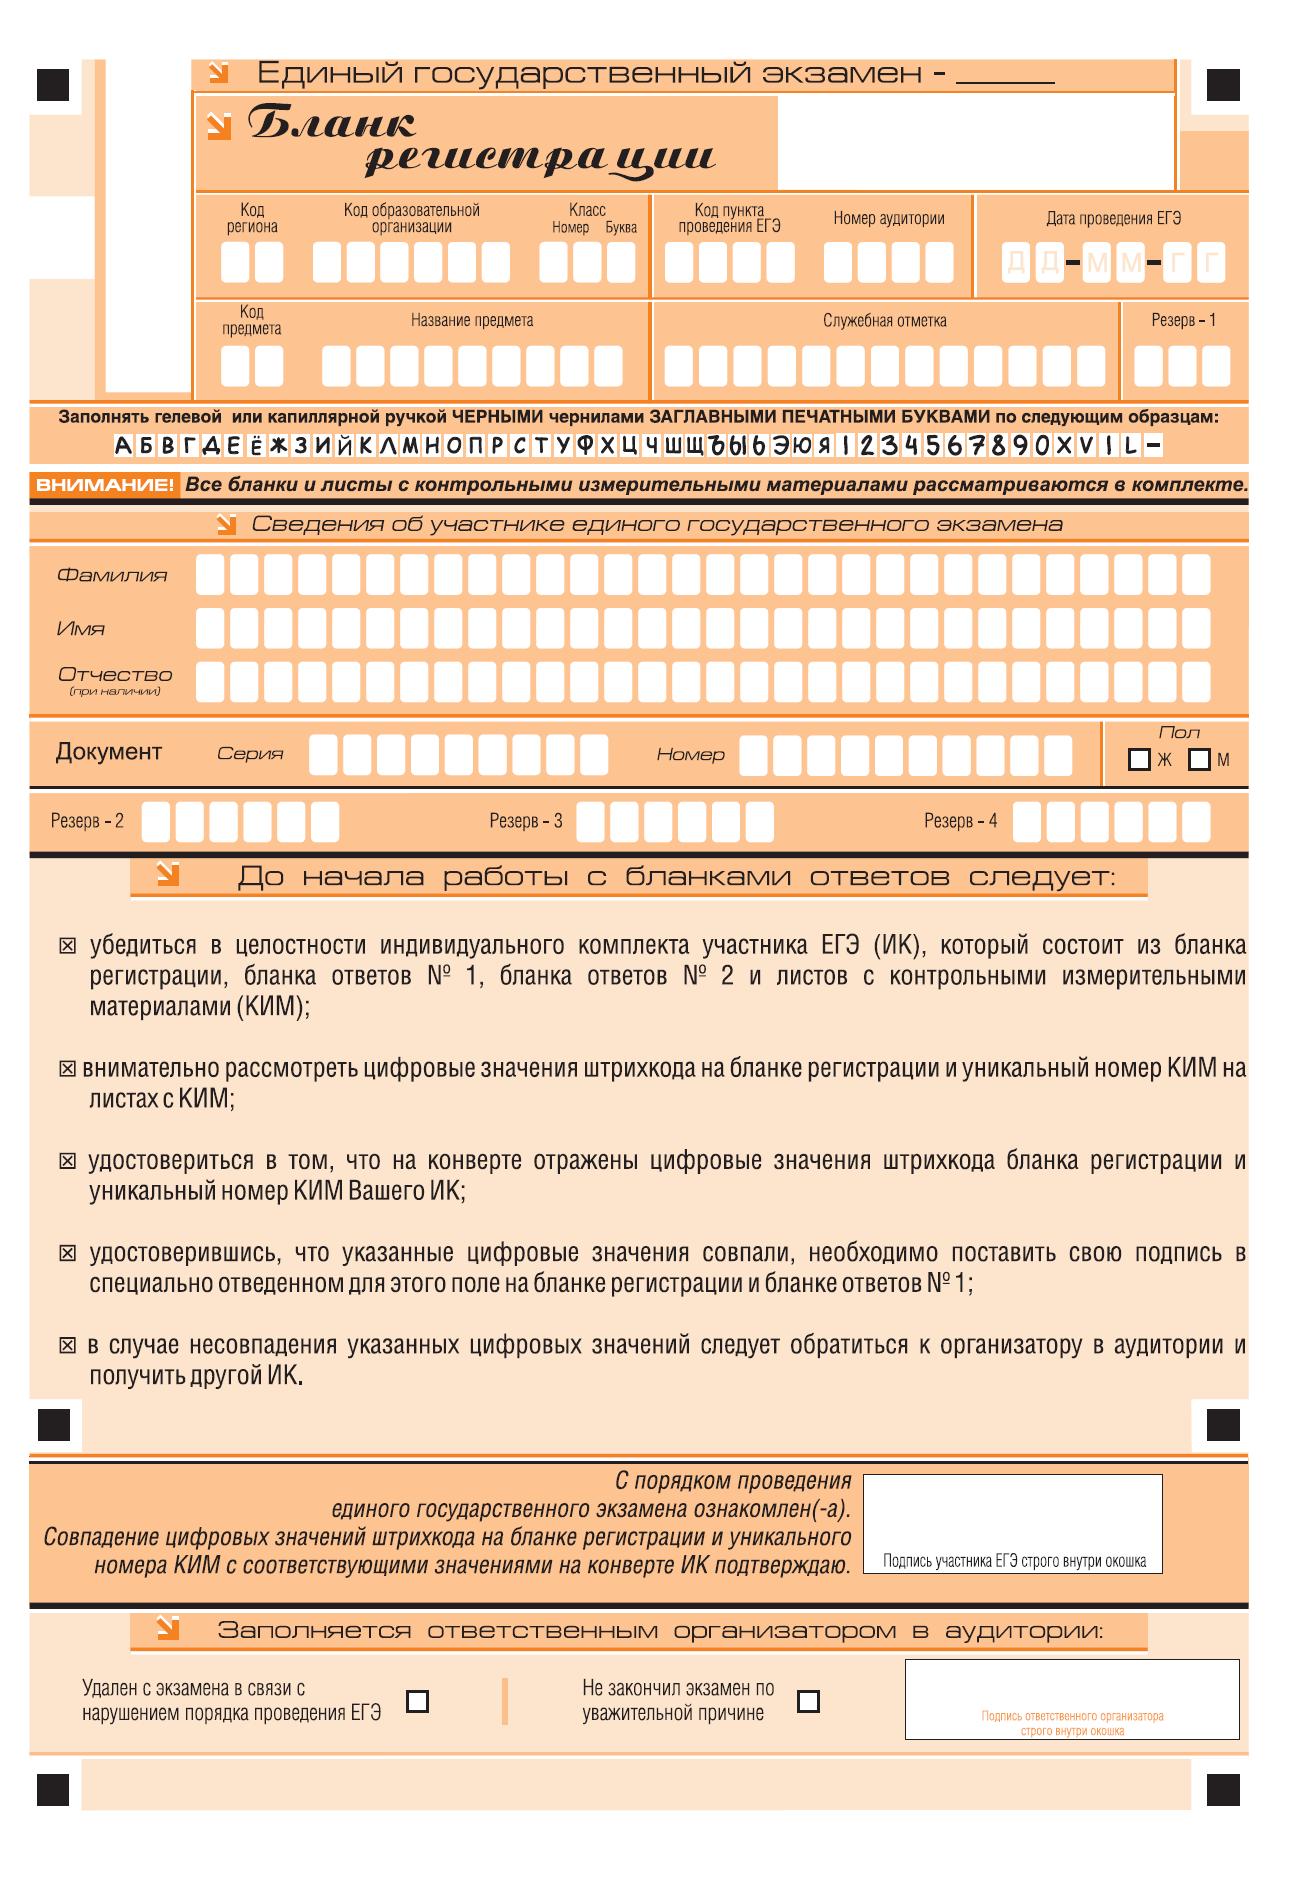 бланк для ответов егэ 2012